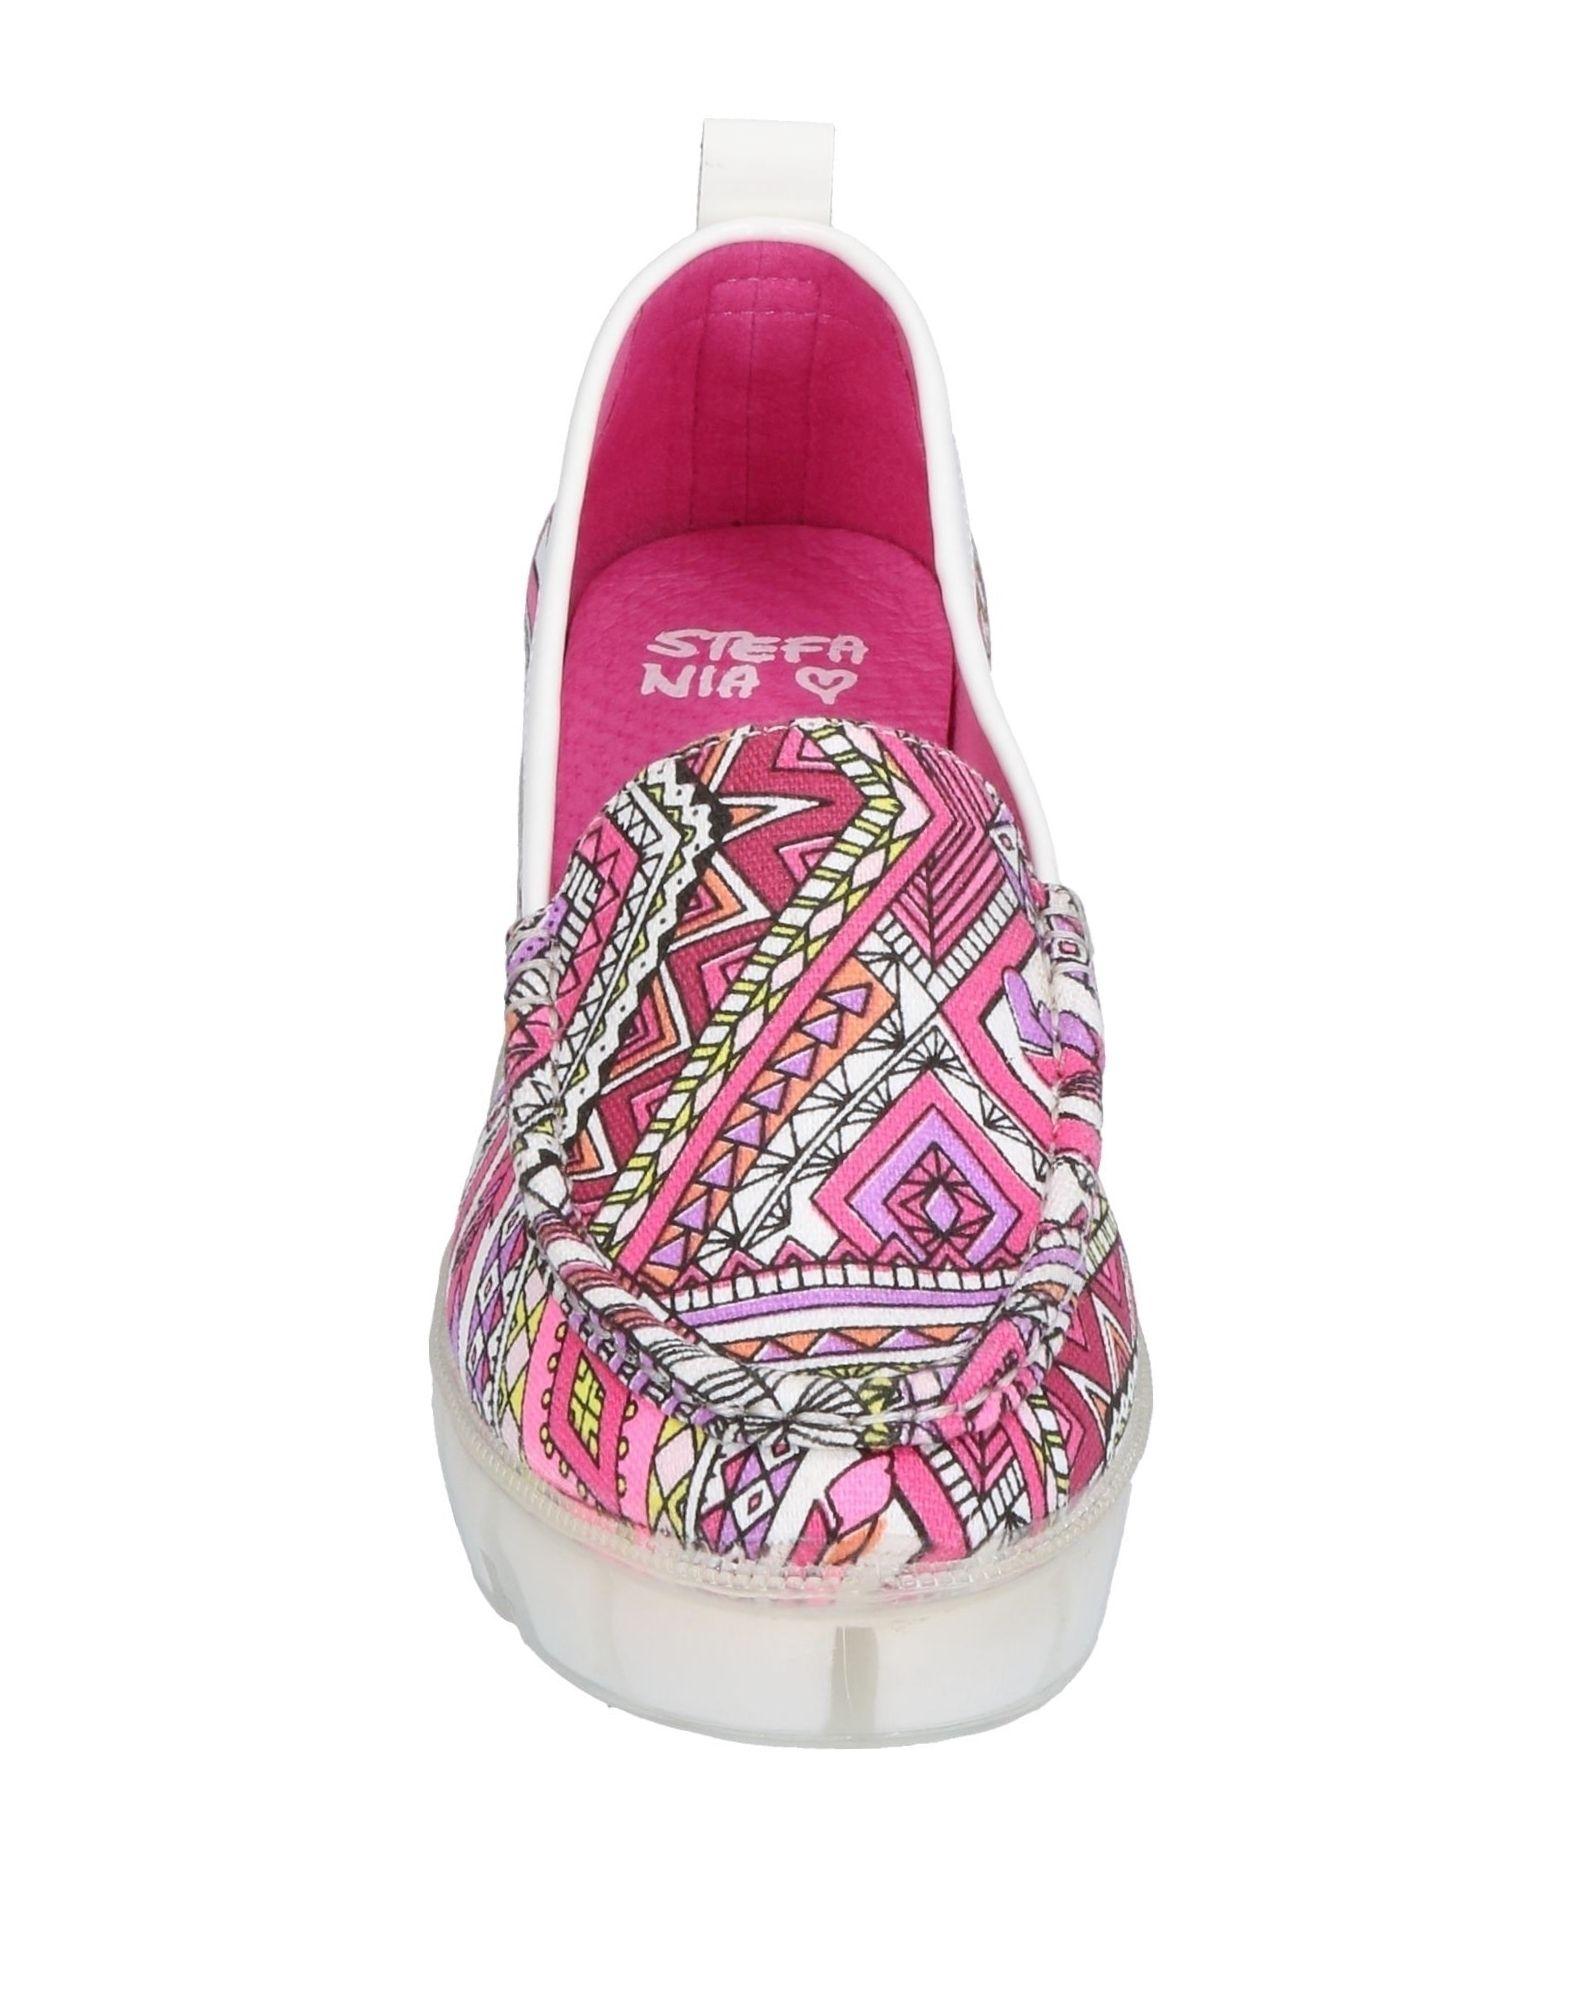 Stefania Mokassins Damen  11400962CJ Gute Qualität beliebte Schuhe Schuhe Schuhe 33dcb6